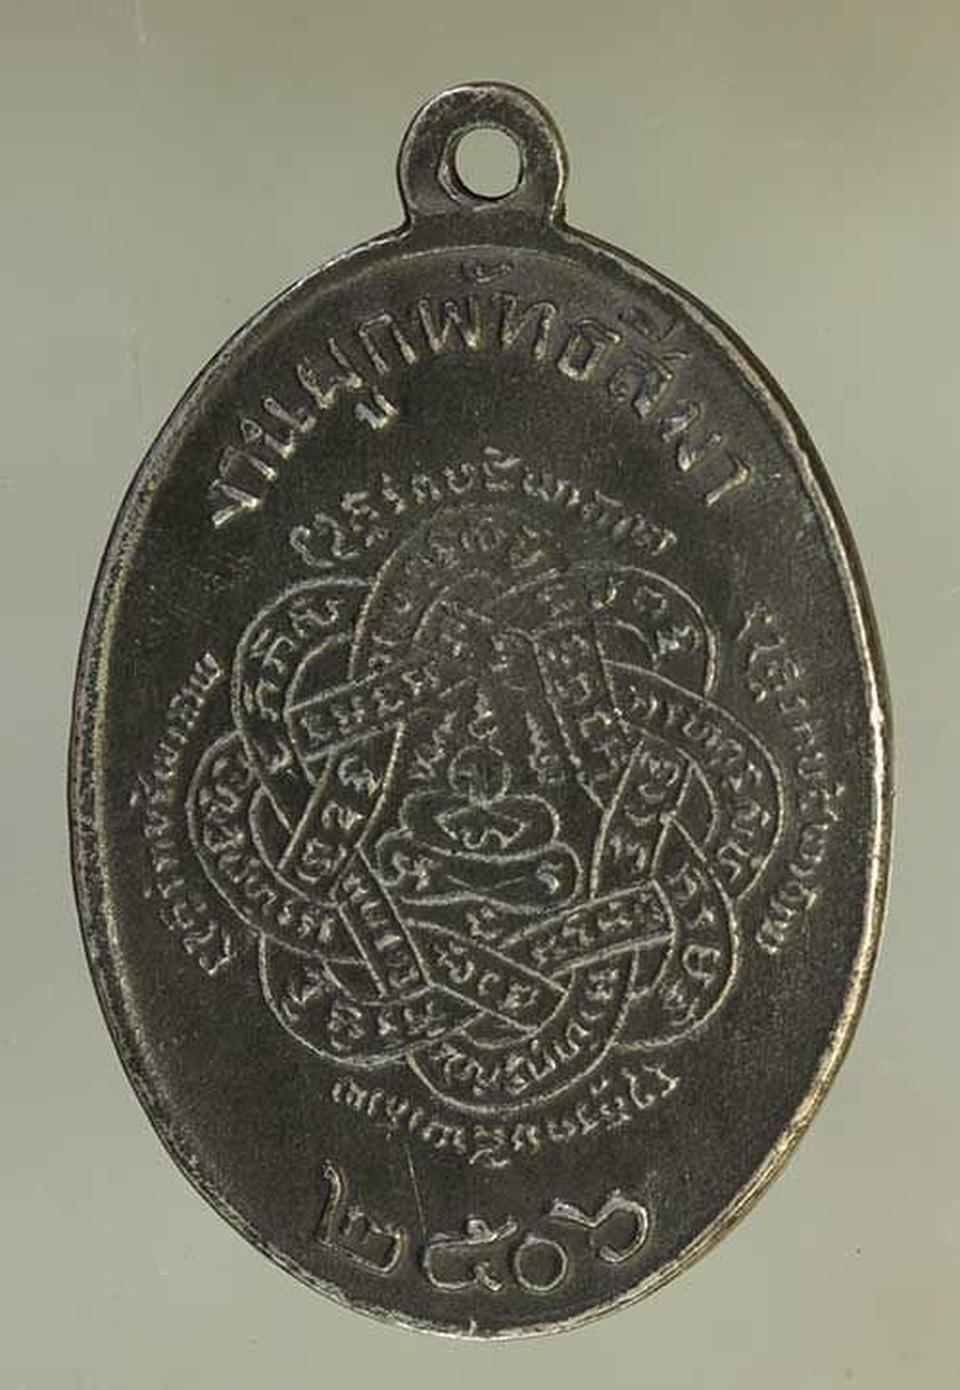 เหรียญ หลวงพ่อสุด วัดกาหลง เนื้อเงิน  j89 รูปที่ 1